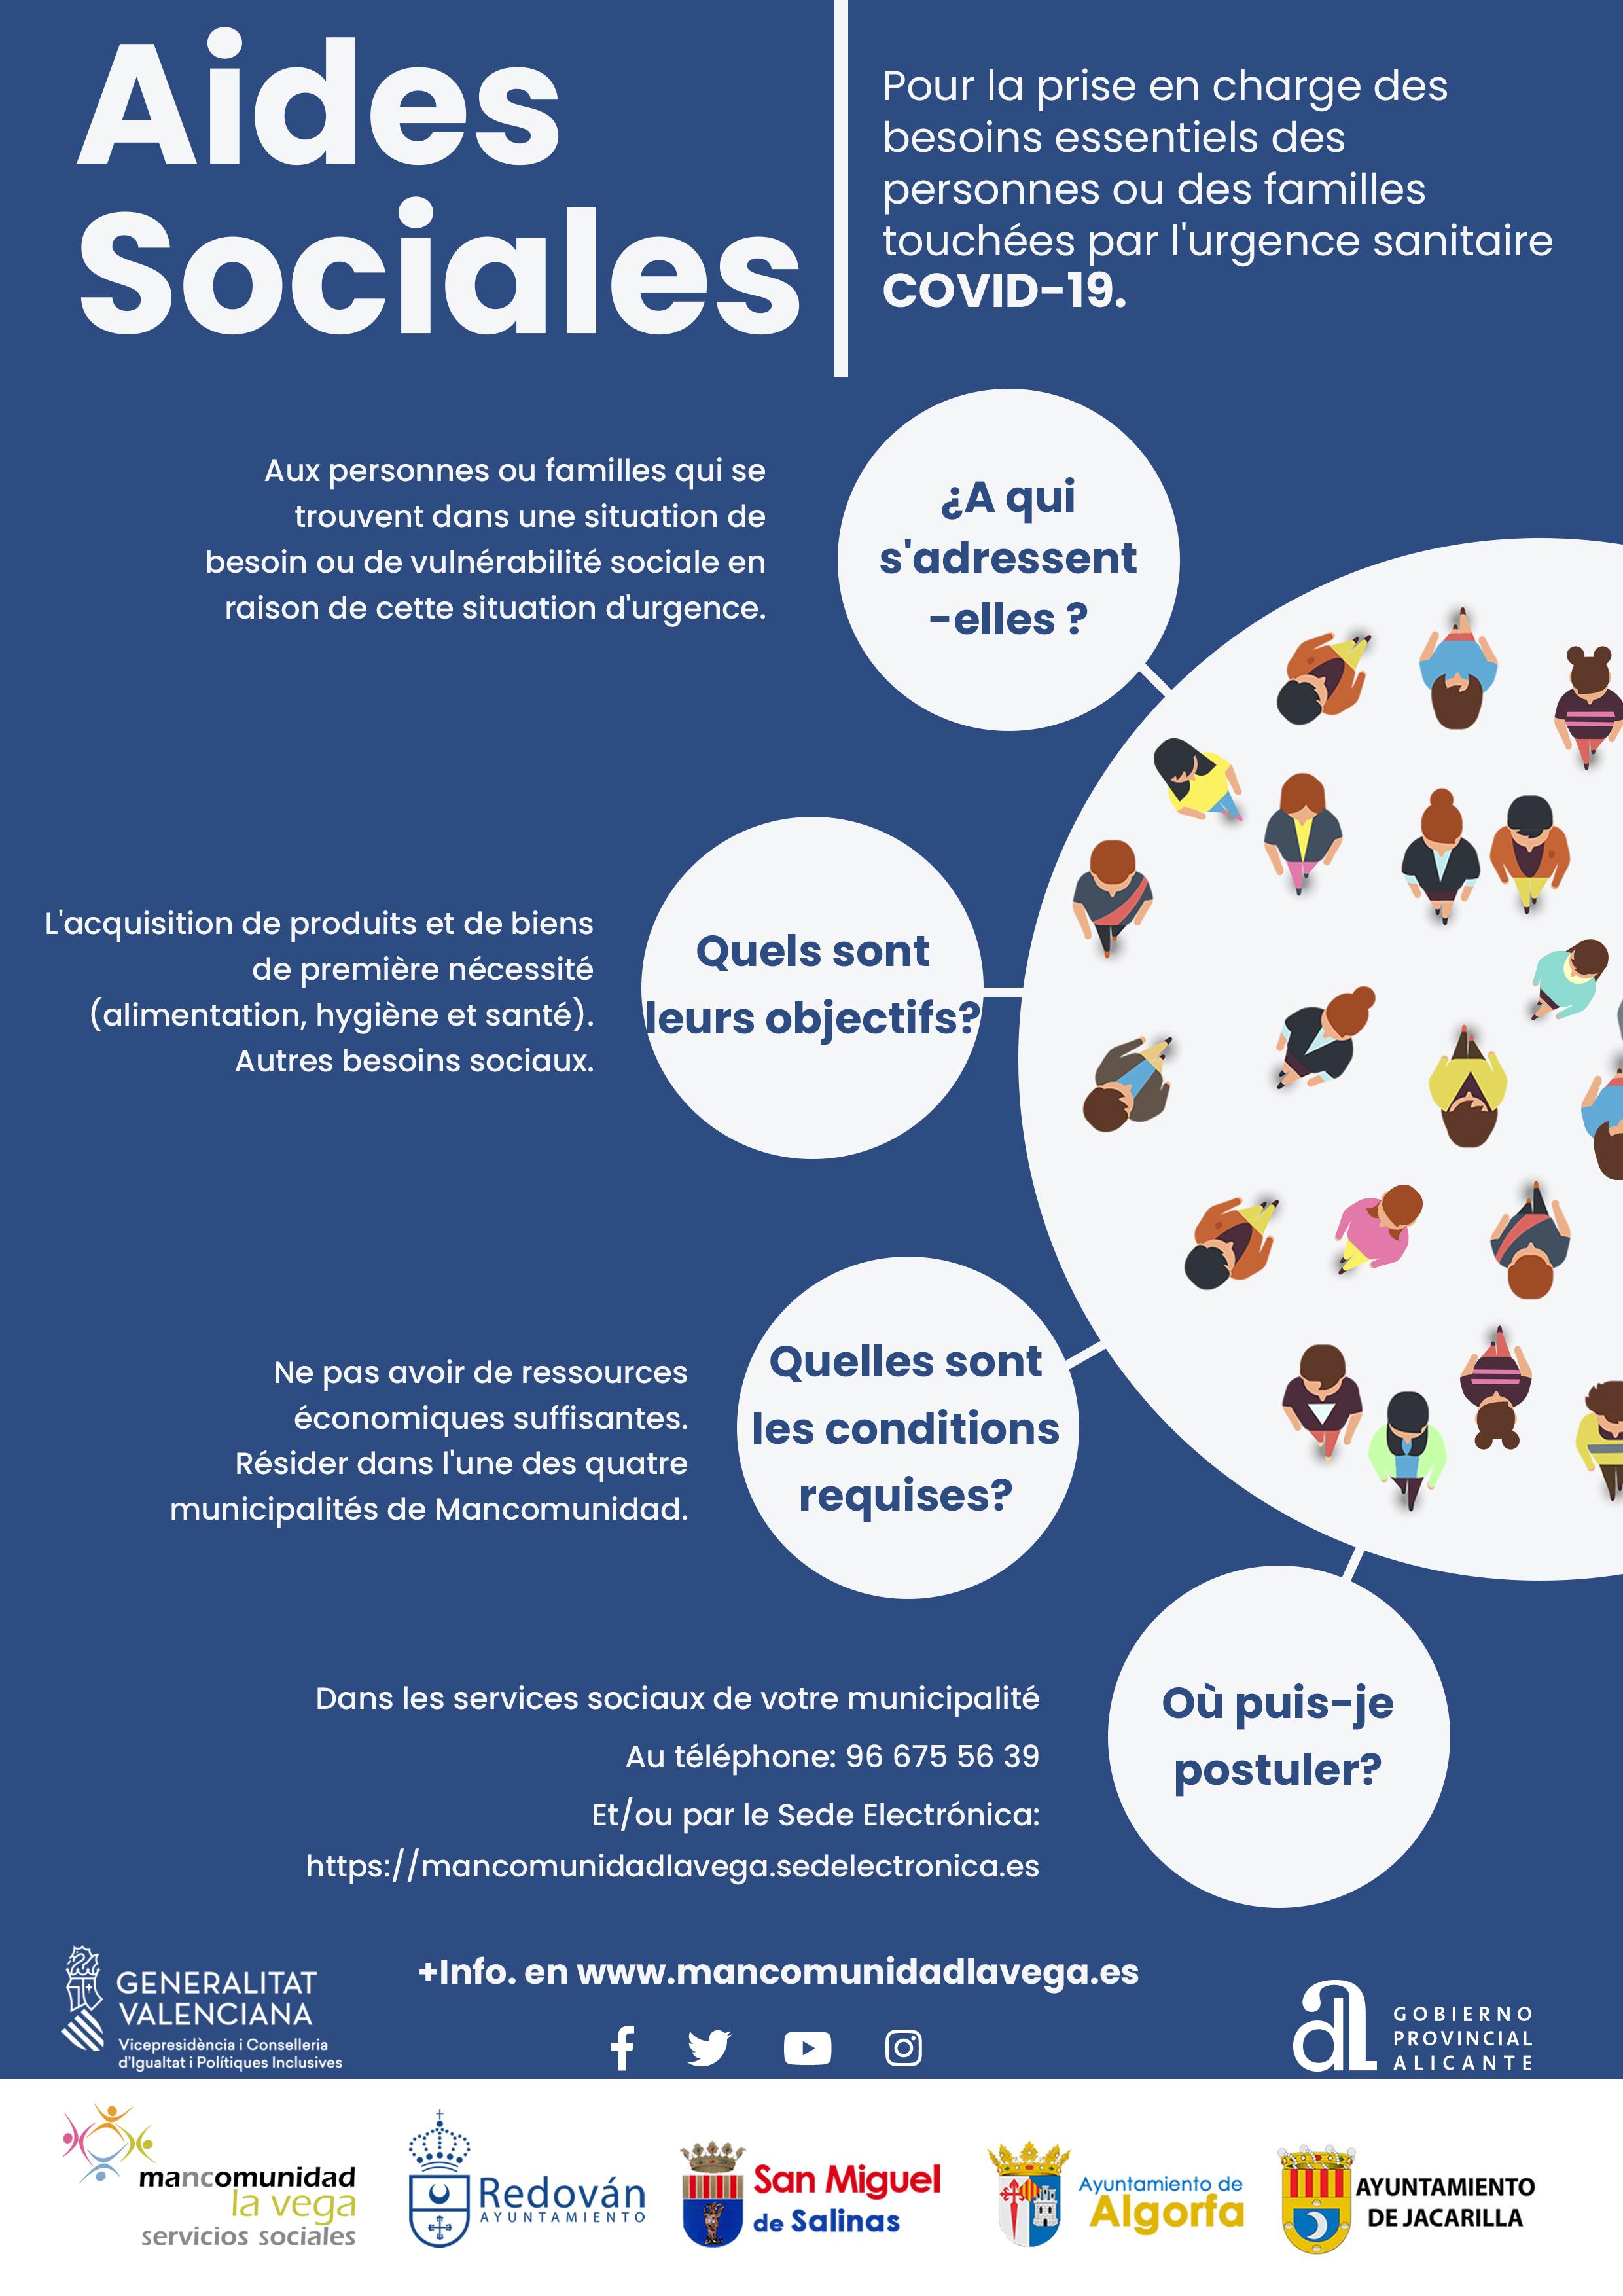 ayudas-sociales-covid2-francés